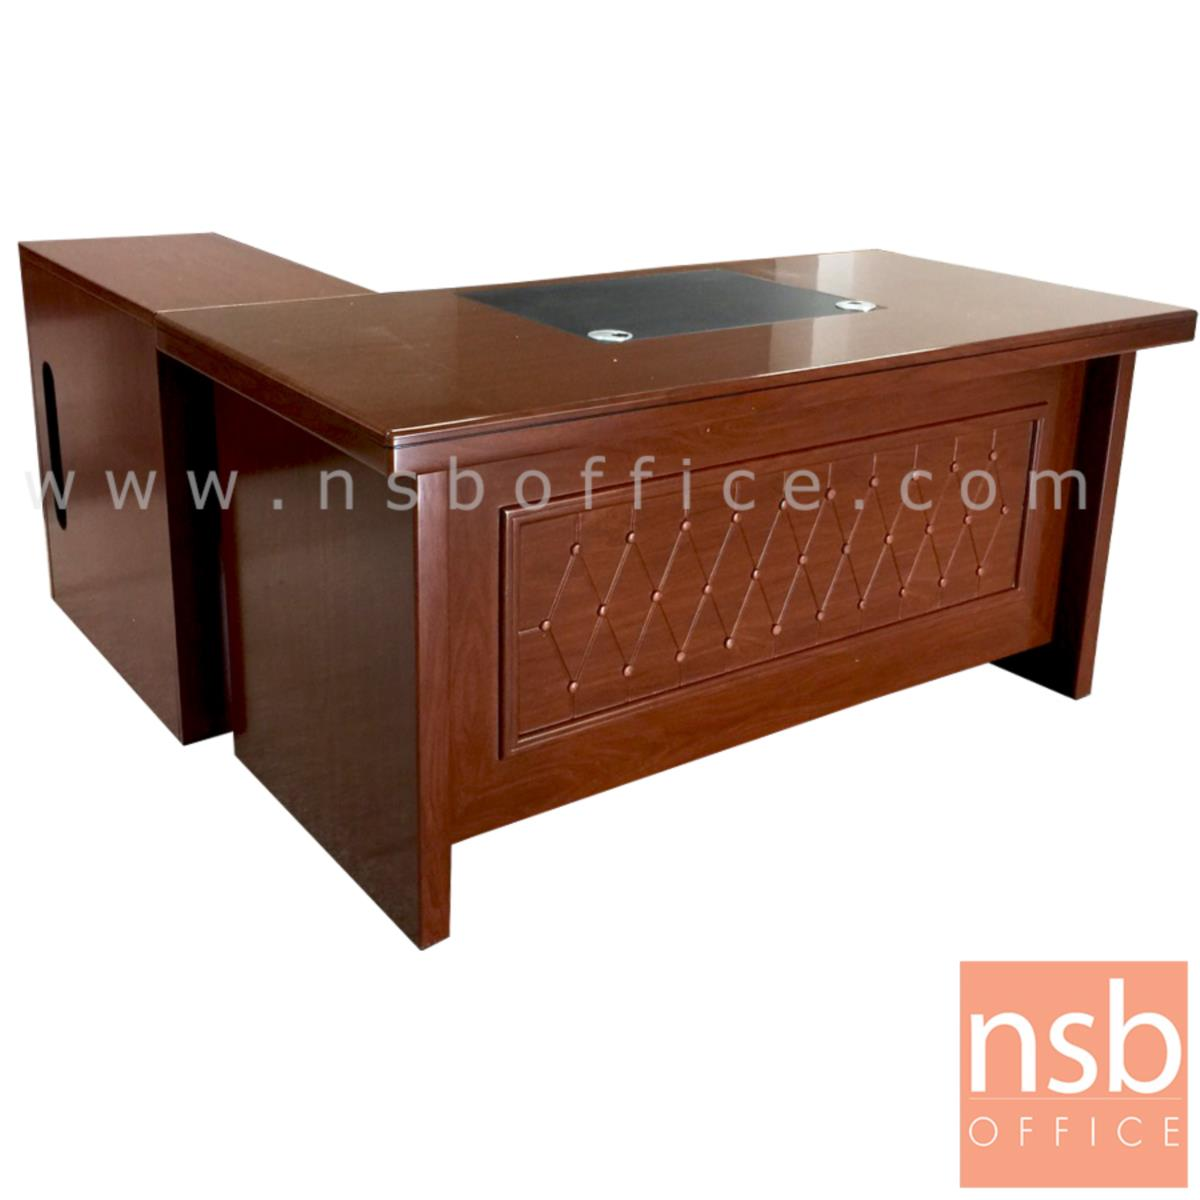 A06A138:โต๊ะผู้บริหารตัวแอล รุ่น HAMBURG (ฮัมบวร์ก) ขนาด 160W cm. พร้อมตู้ข้าง